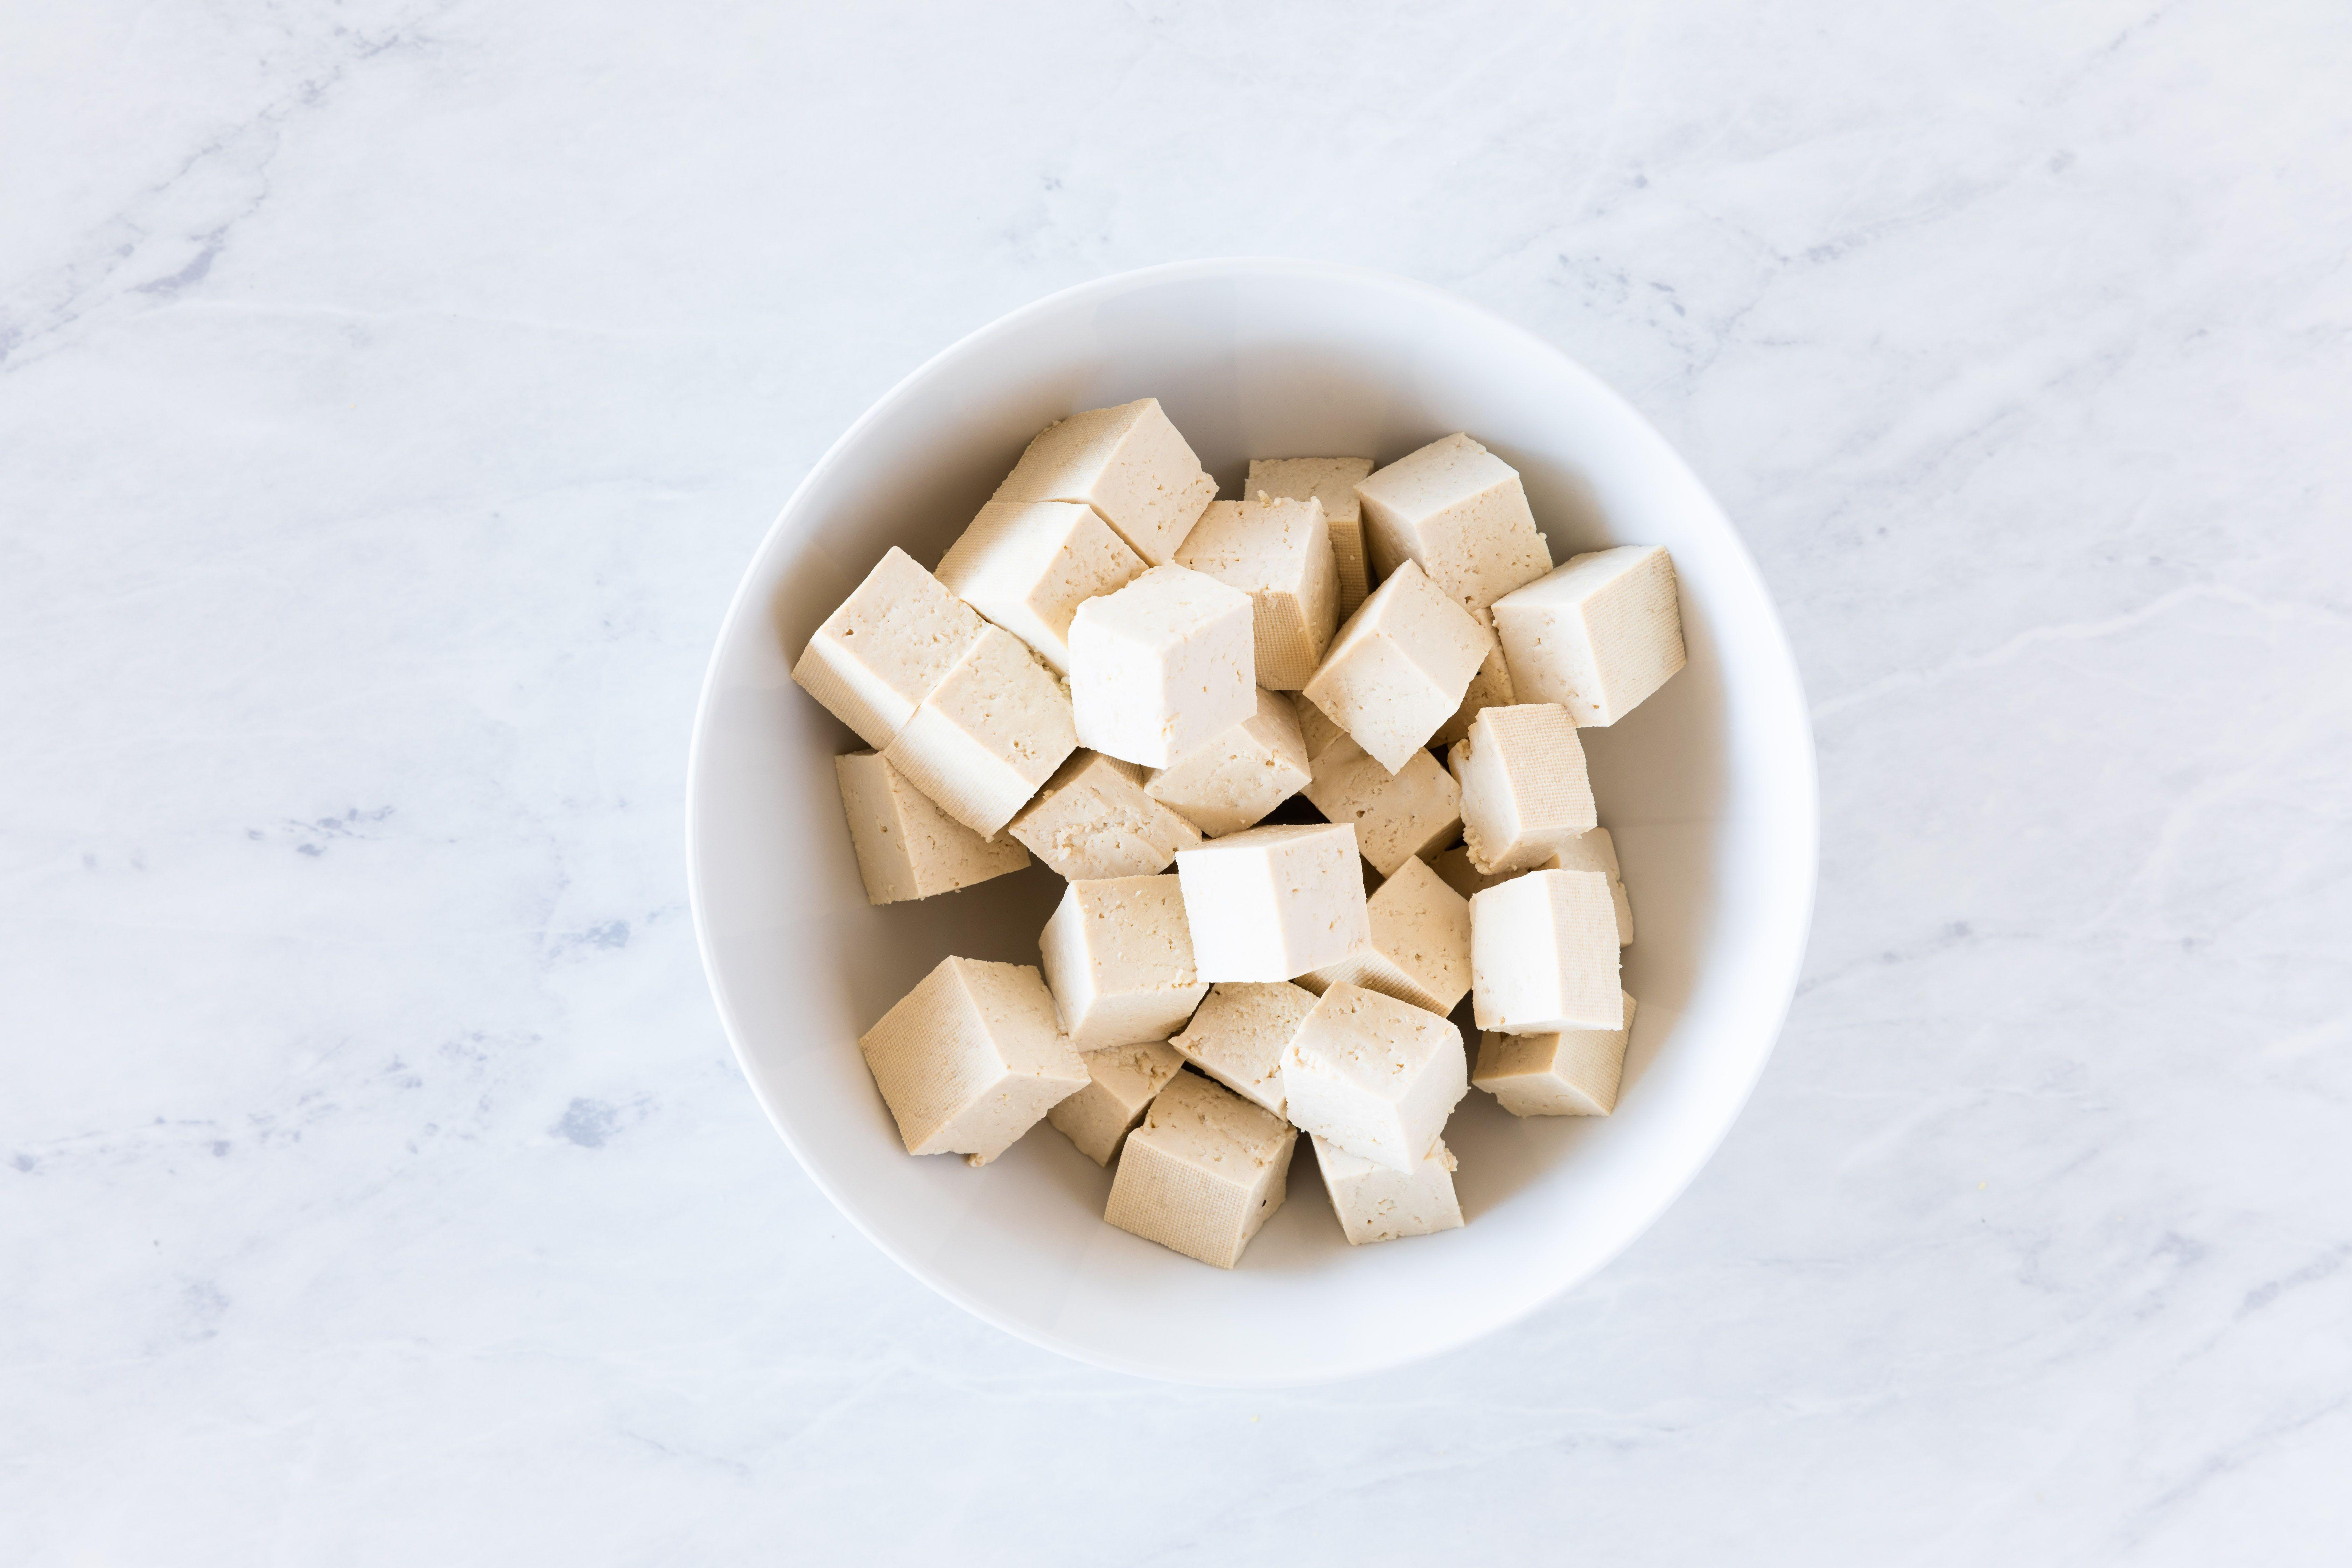 Prepare the tofu